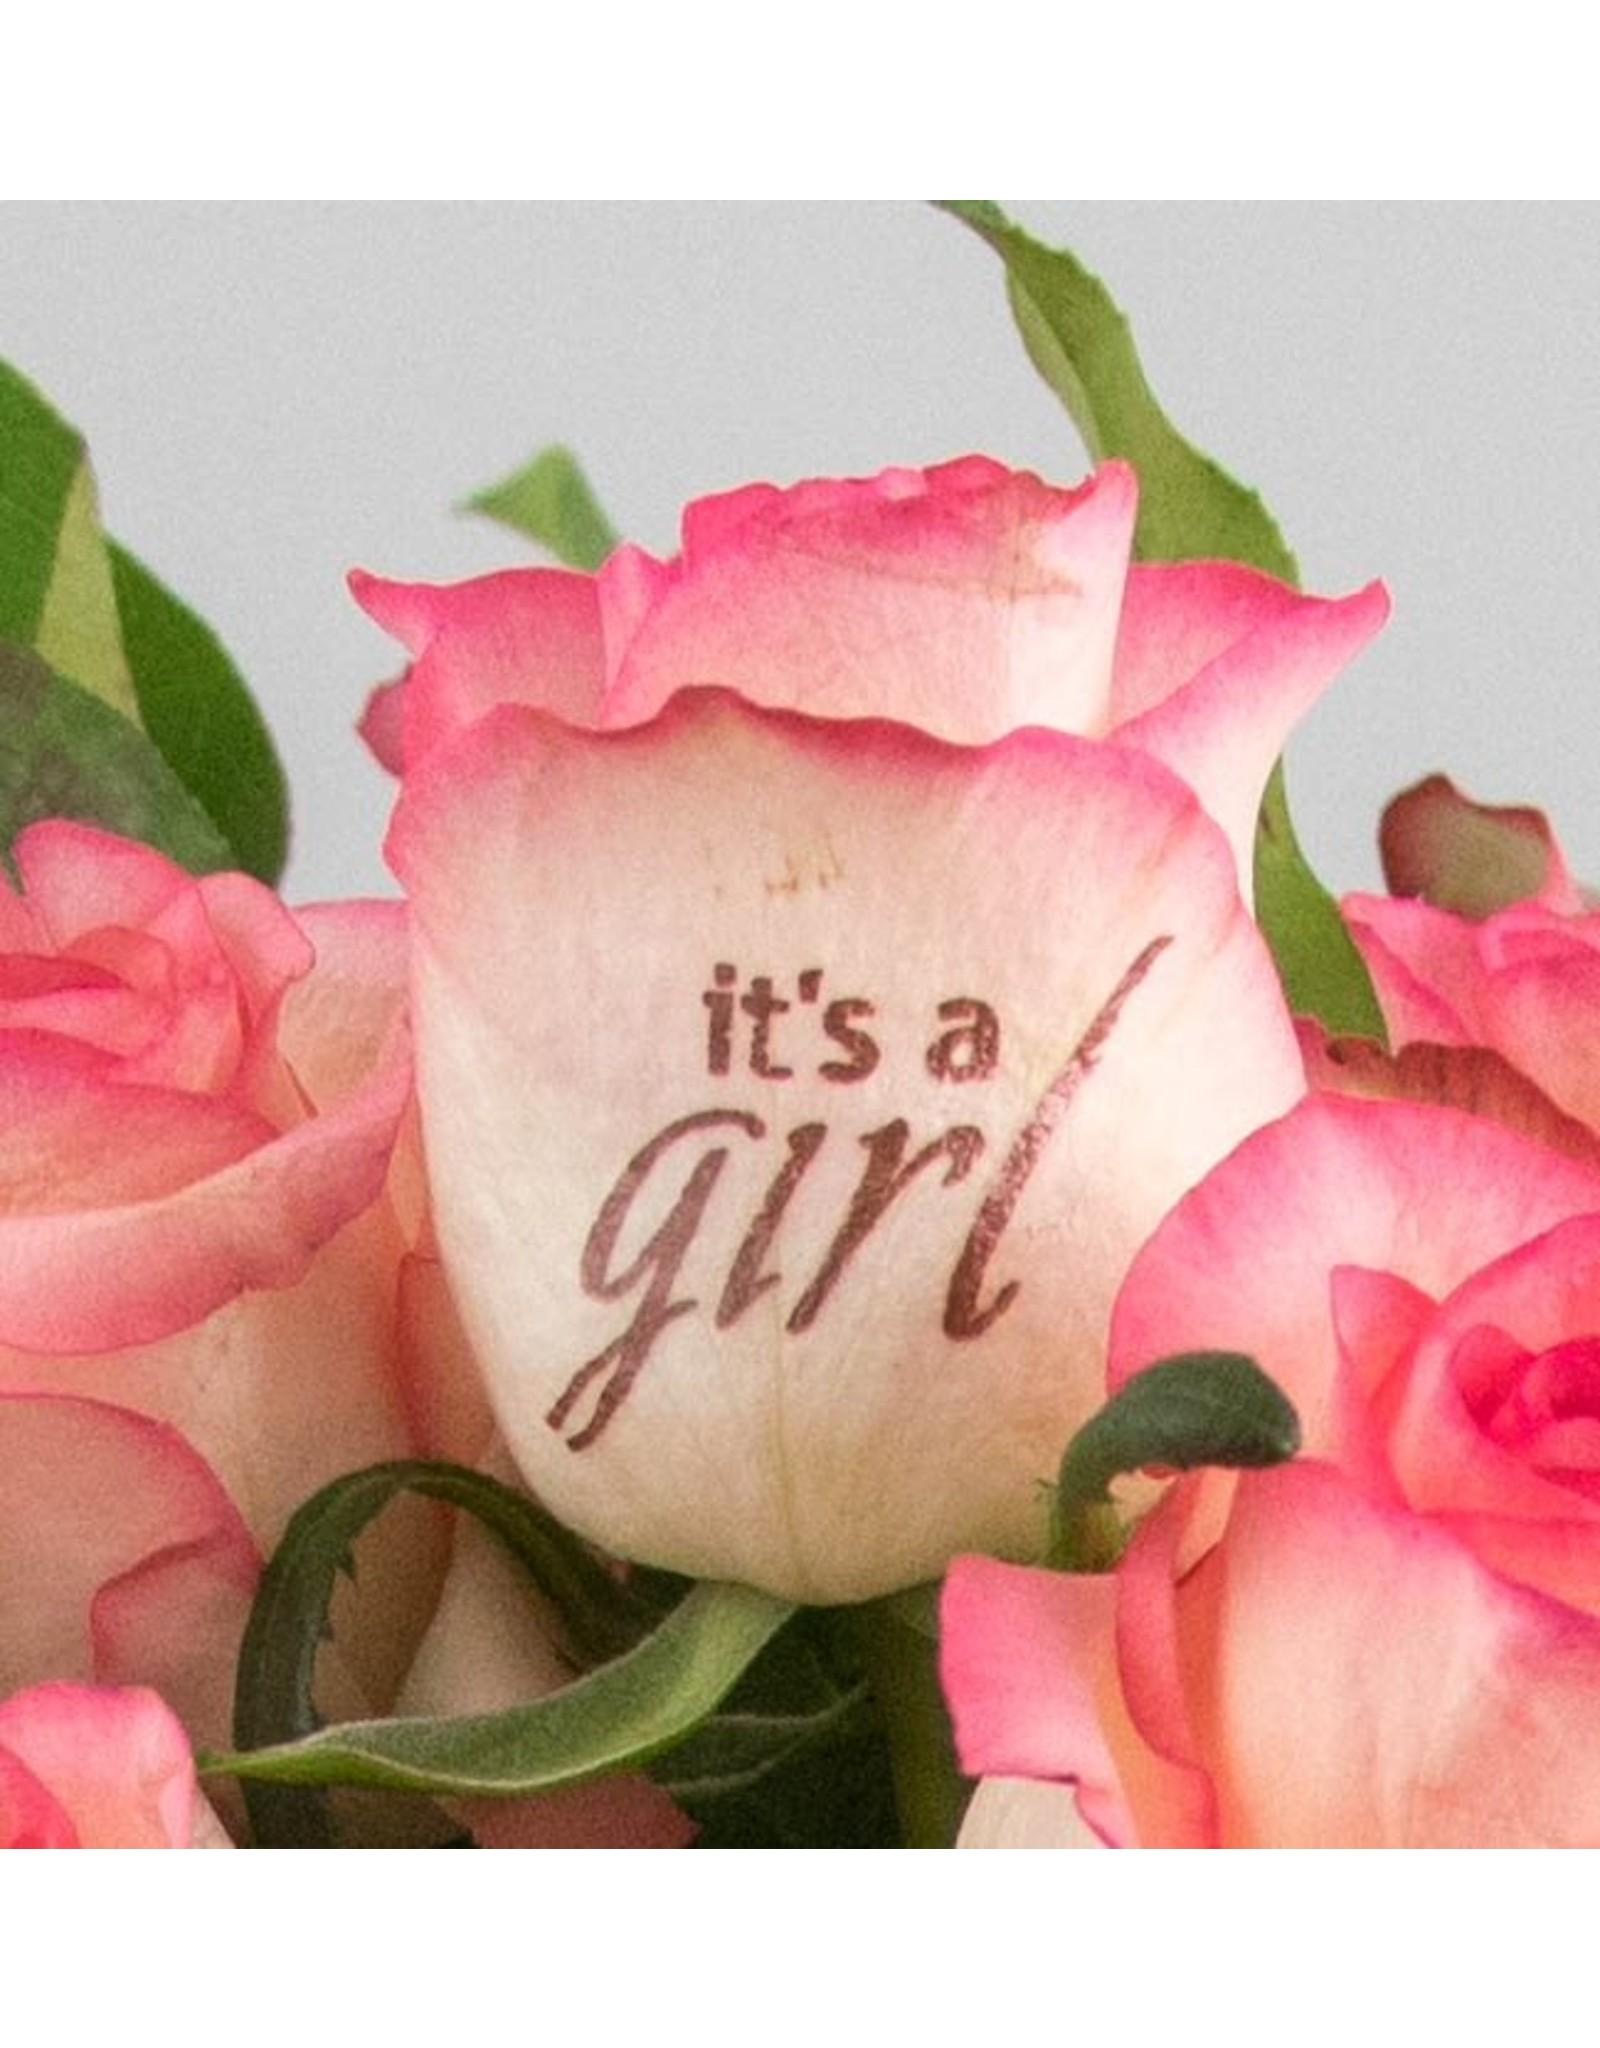 Magic Flowers Boeket 15 rozen - Wit/Roze - It's a Girl